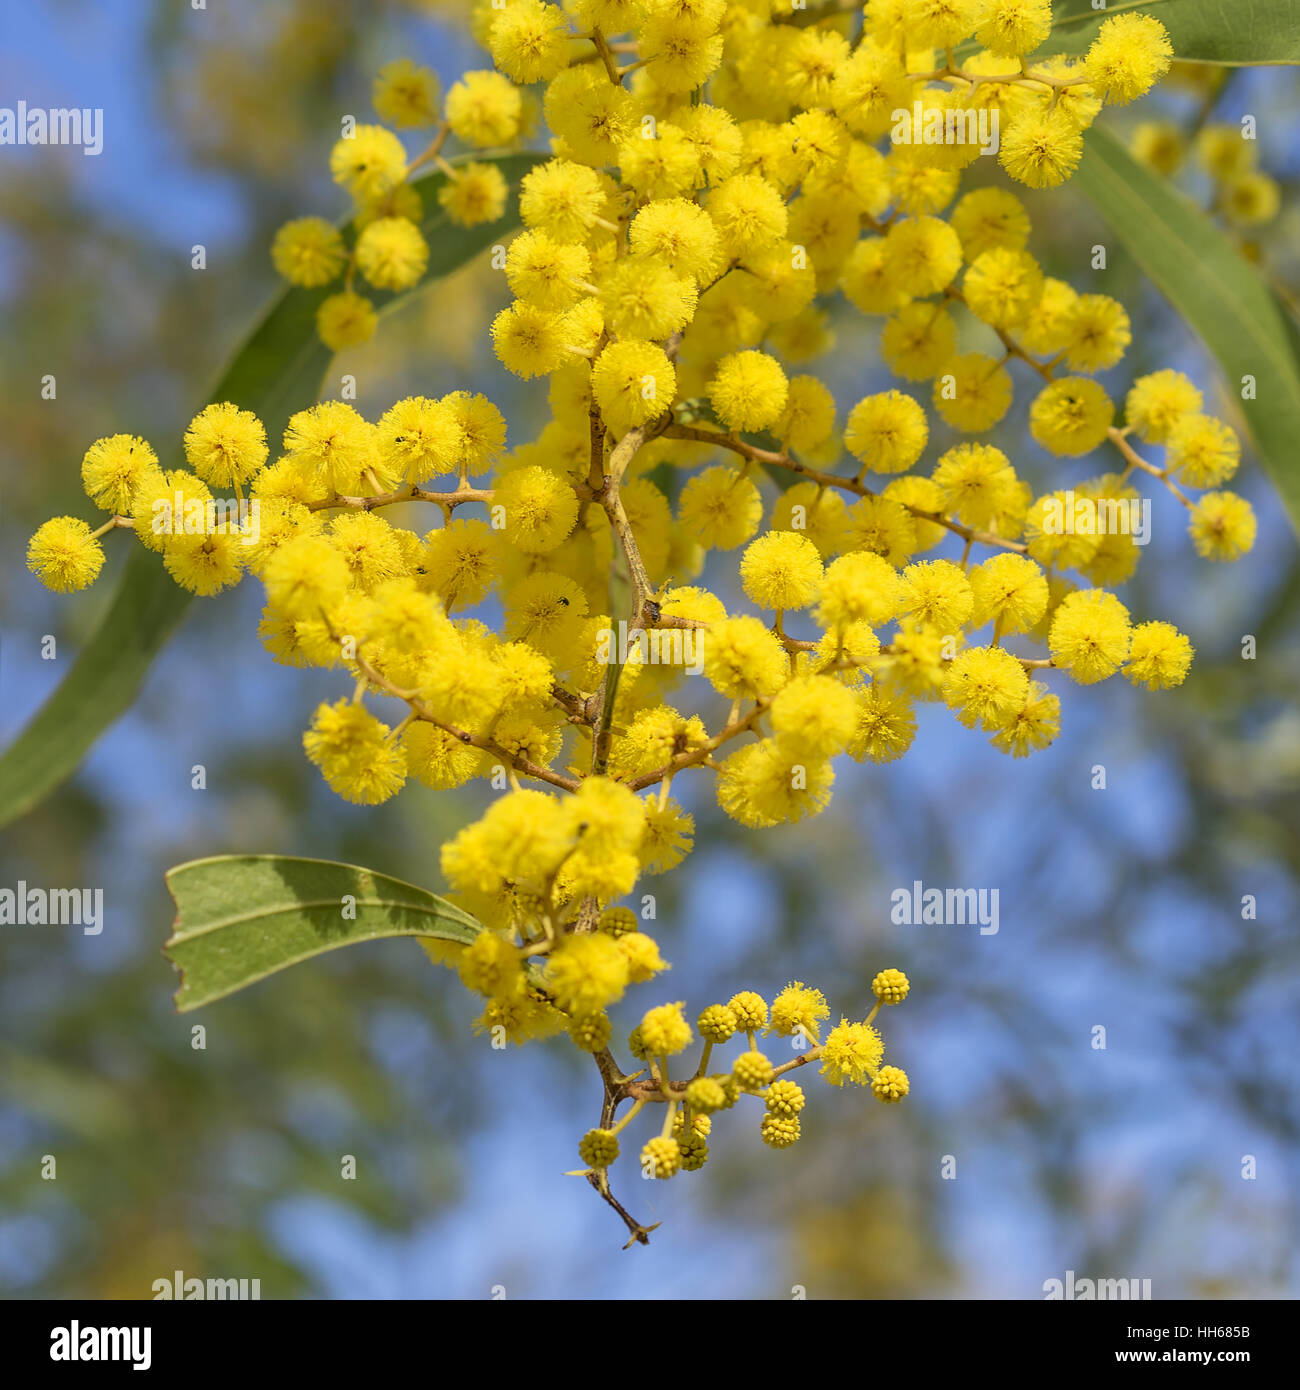 Australian icon golden wattle flowers blooming in spring close up australian icon golden wattle flowers blooming in spring close up dhlflorist Choice Image